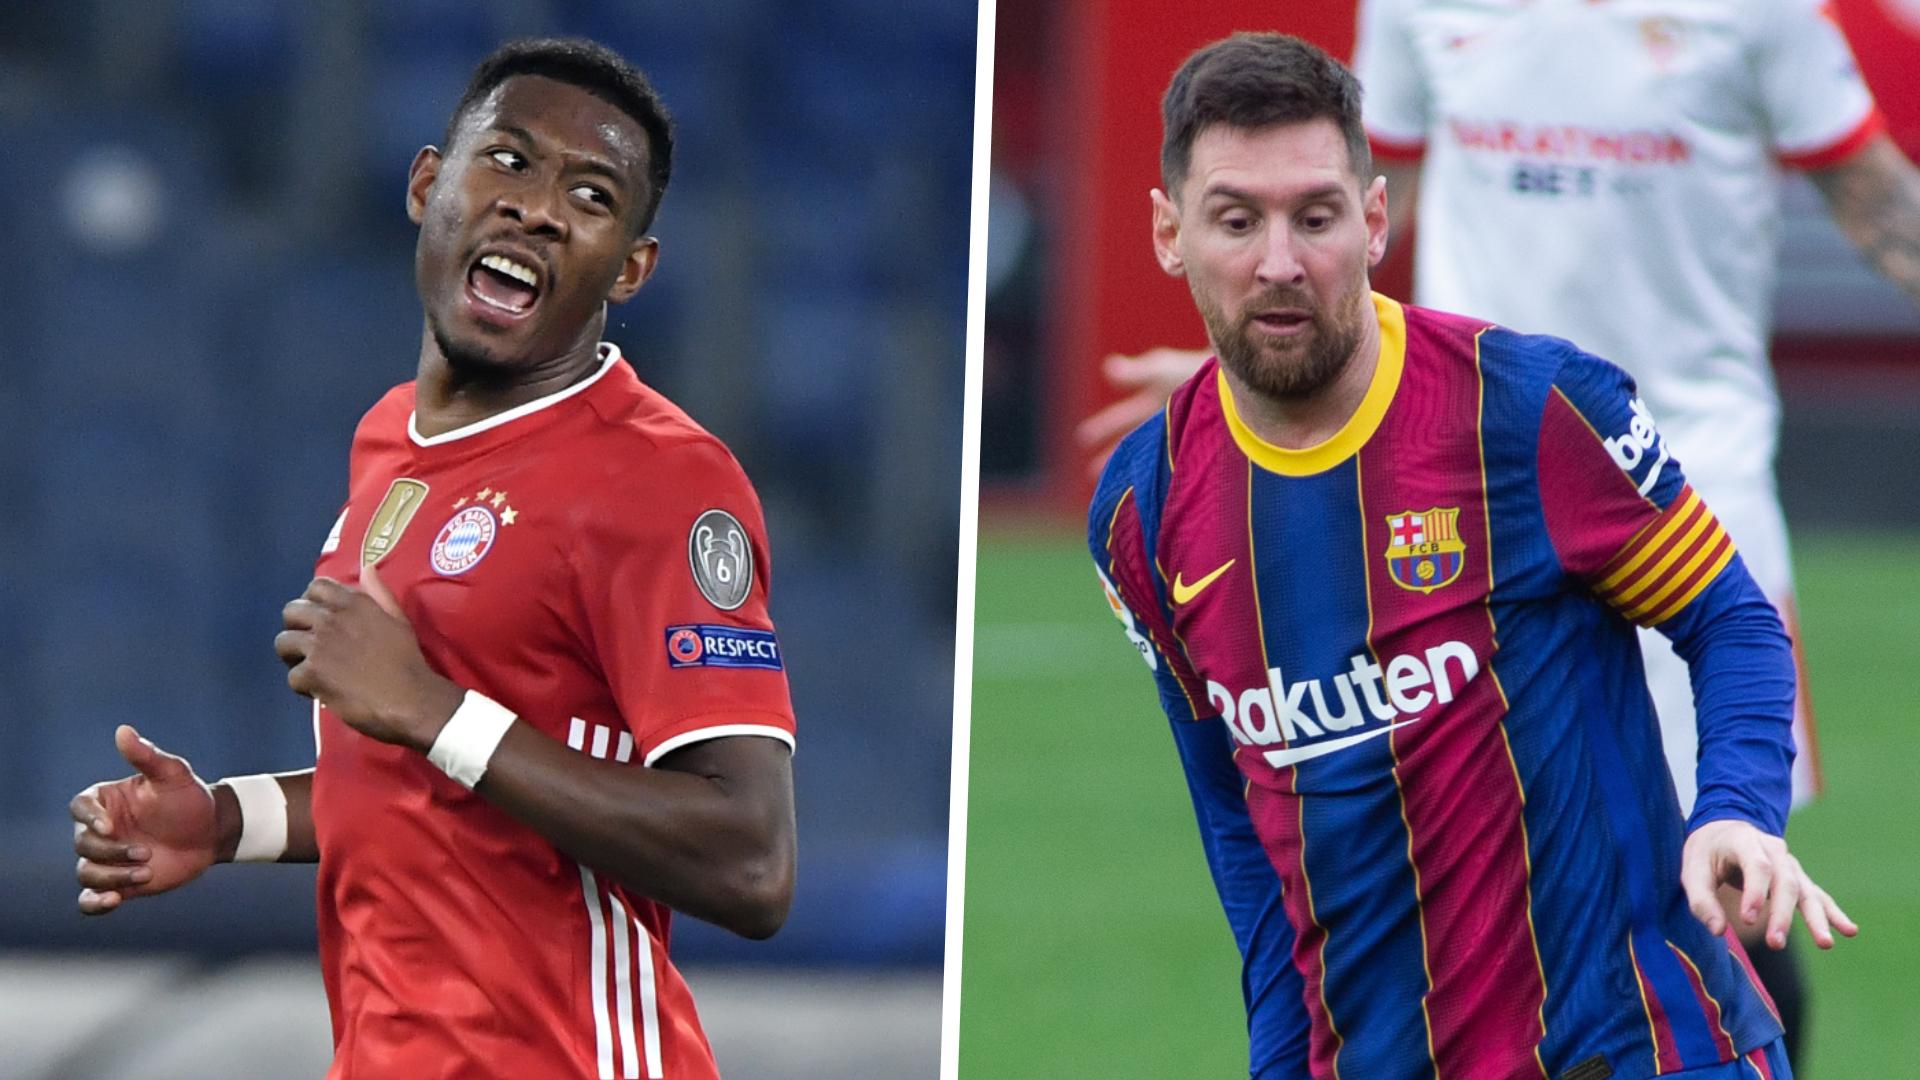 Le journal du mercato : le PSG ne lâche pas Alaba, Messi tranchera à la fin de la saison